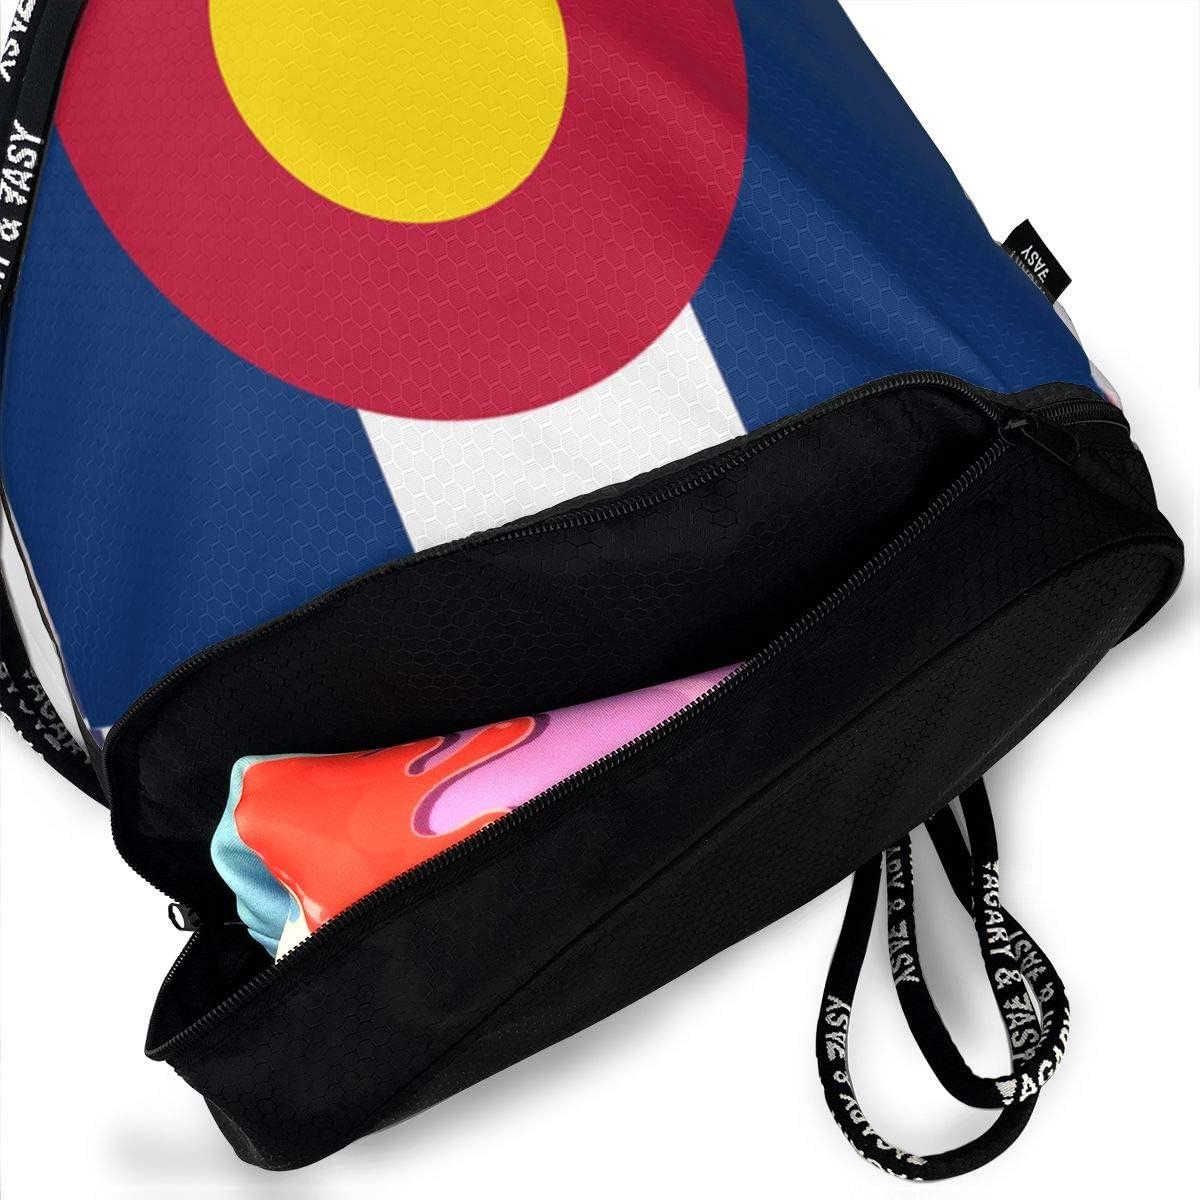 HUOPR5Q Colorado Flag Drawstring Backpack Sport Gym Sack Shoulder Bulk Bag Dance Bag for School Travel